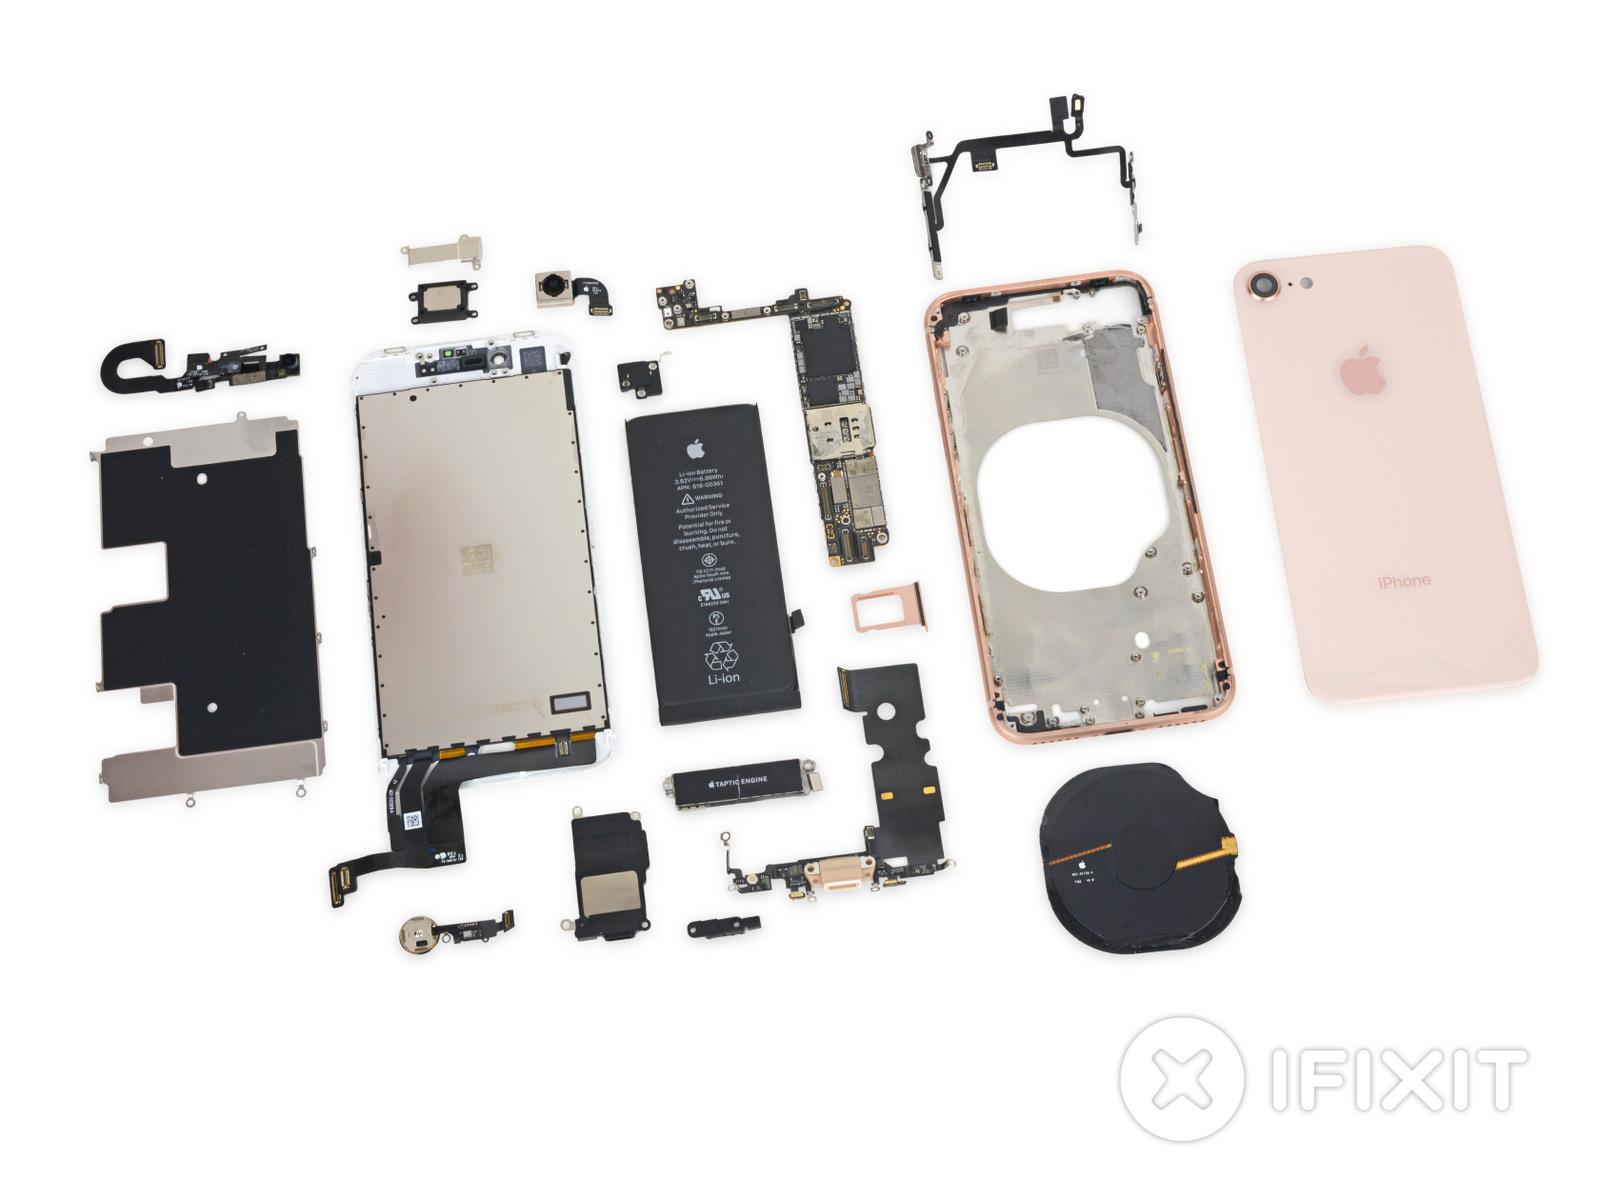 アイフォン8 容量